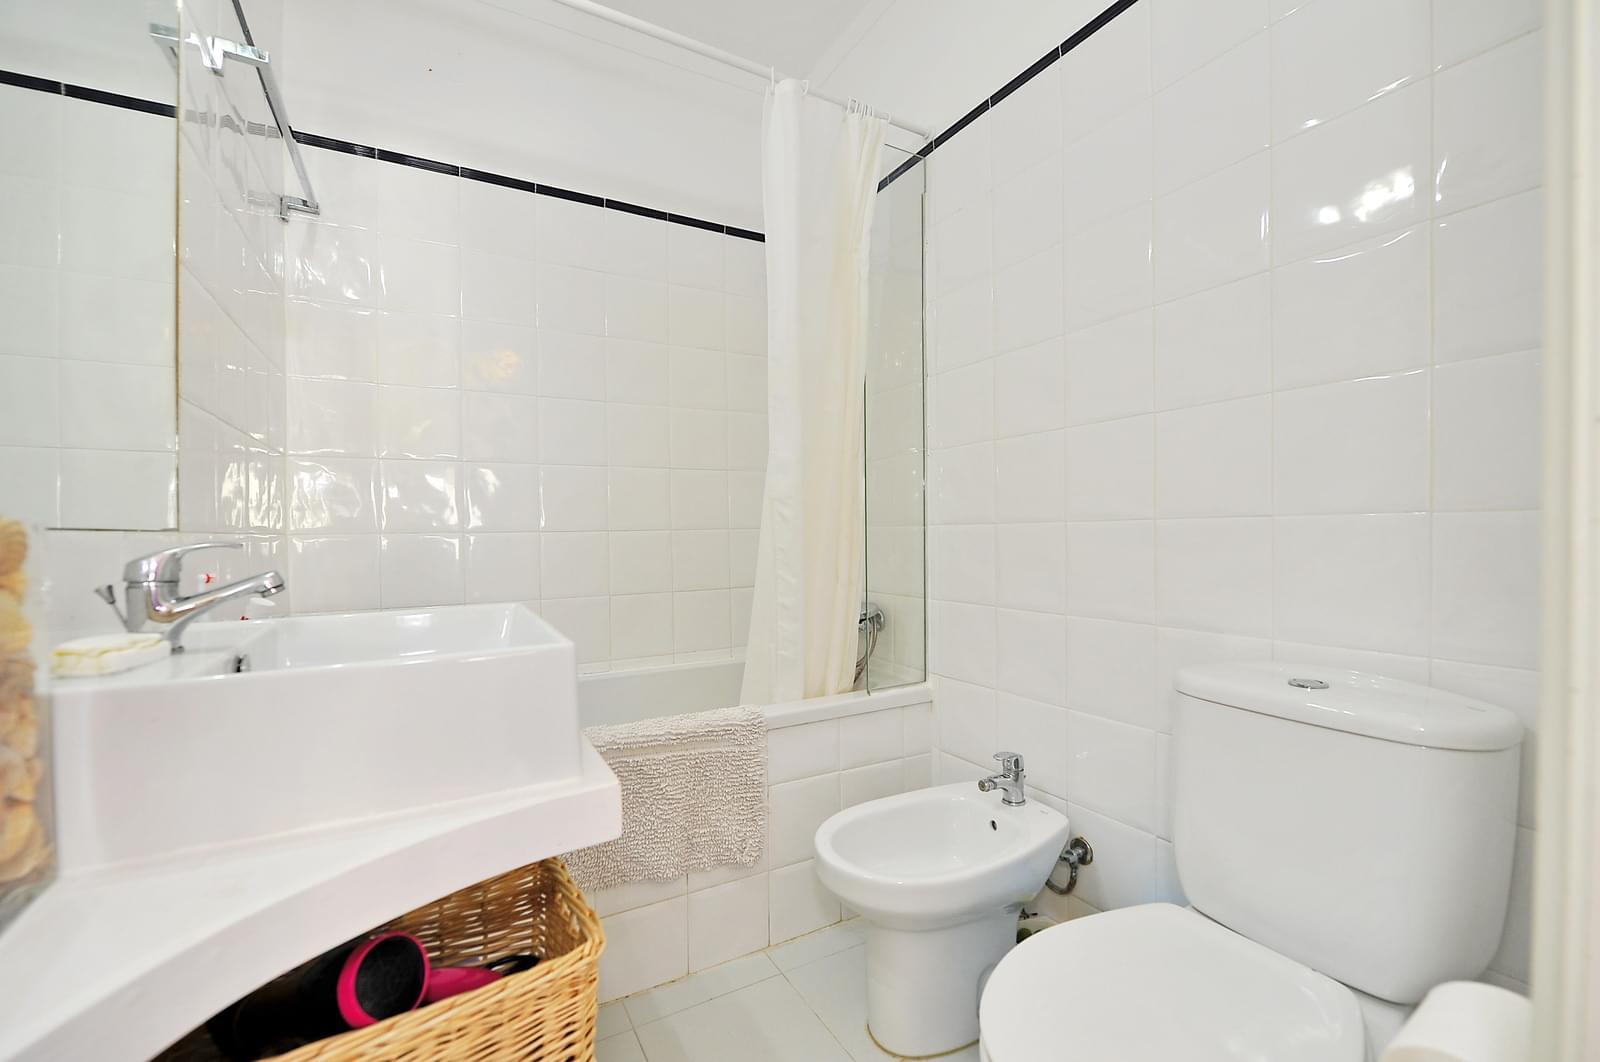 pf17942-apartamento-t4-1-cascais-58ca46b6-b1b7-4fd2-a907-56d2224cd50a